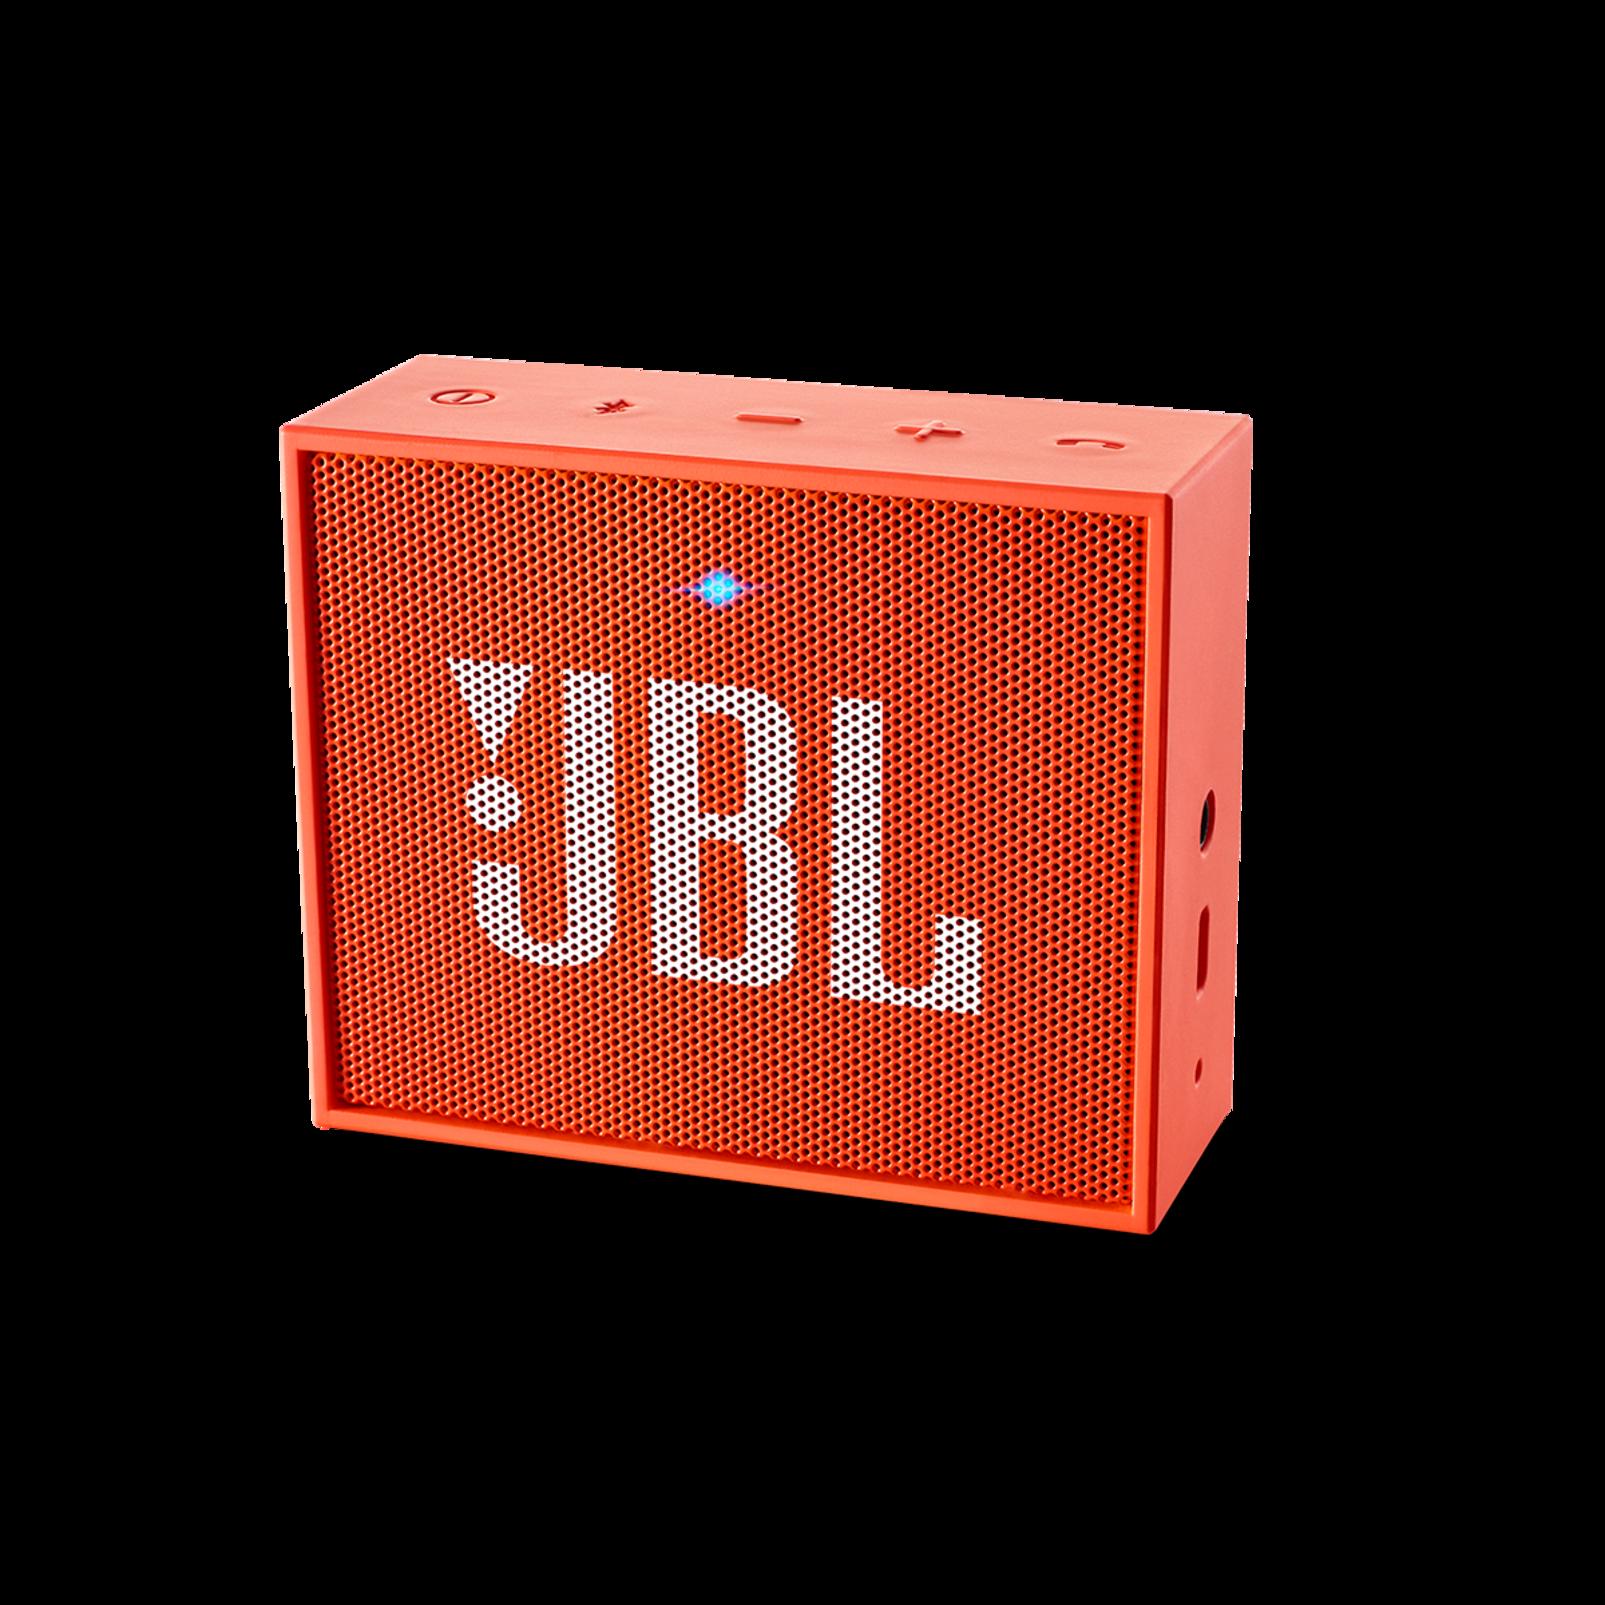 JBL GO - Orange - Full-featured, great-sounding, great-value portable speaker - Hero